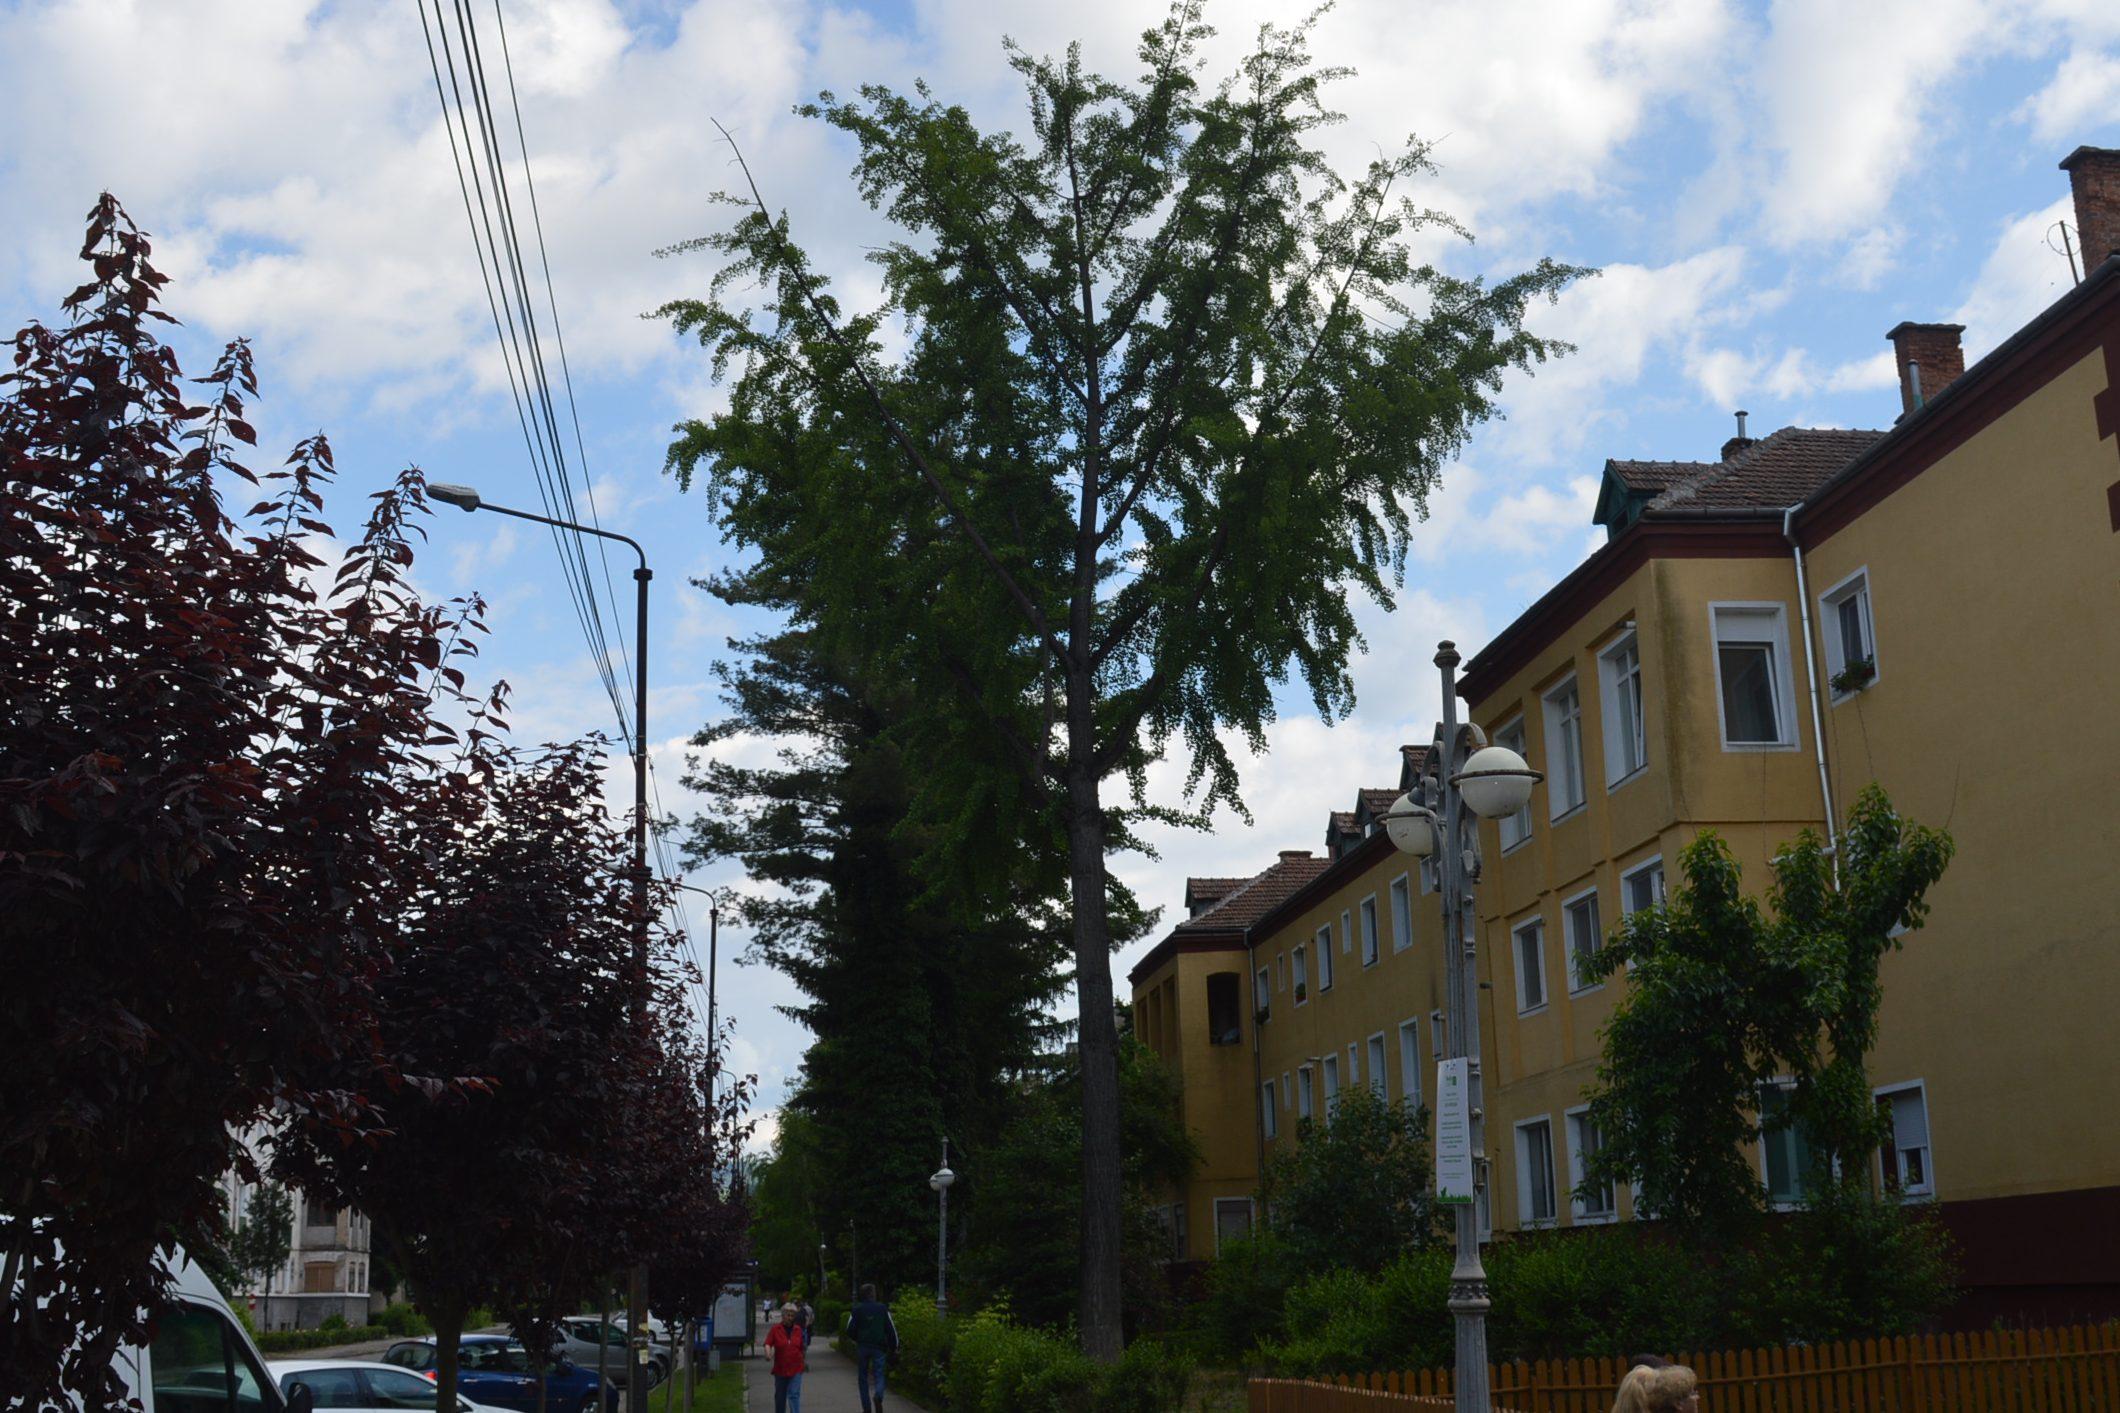 Reșița: Mai mulți arbori clasați ca monumente ale naturii, printre care arbori de lalea și un Ginkgo biloba, au fost tăiați sau mutilați 6